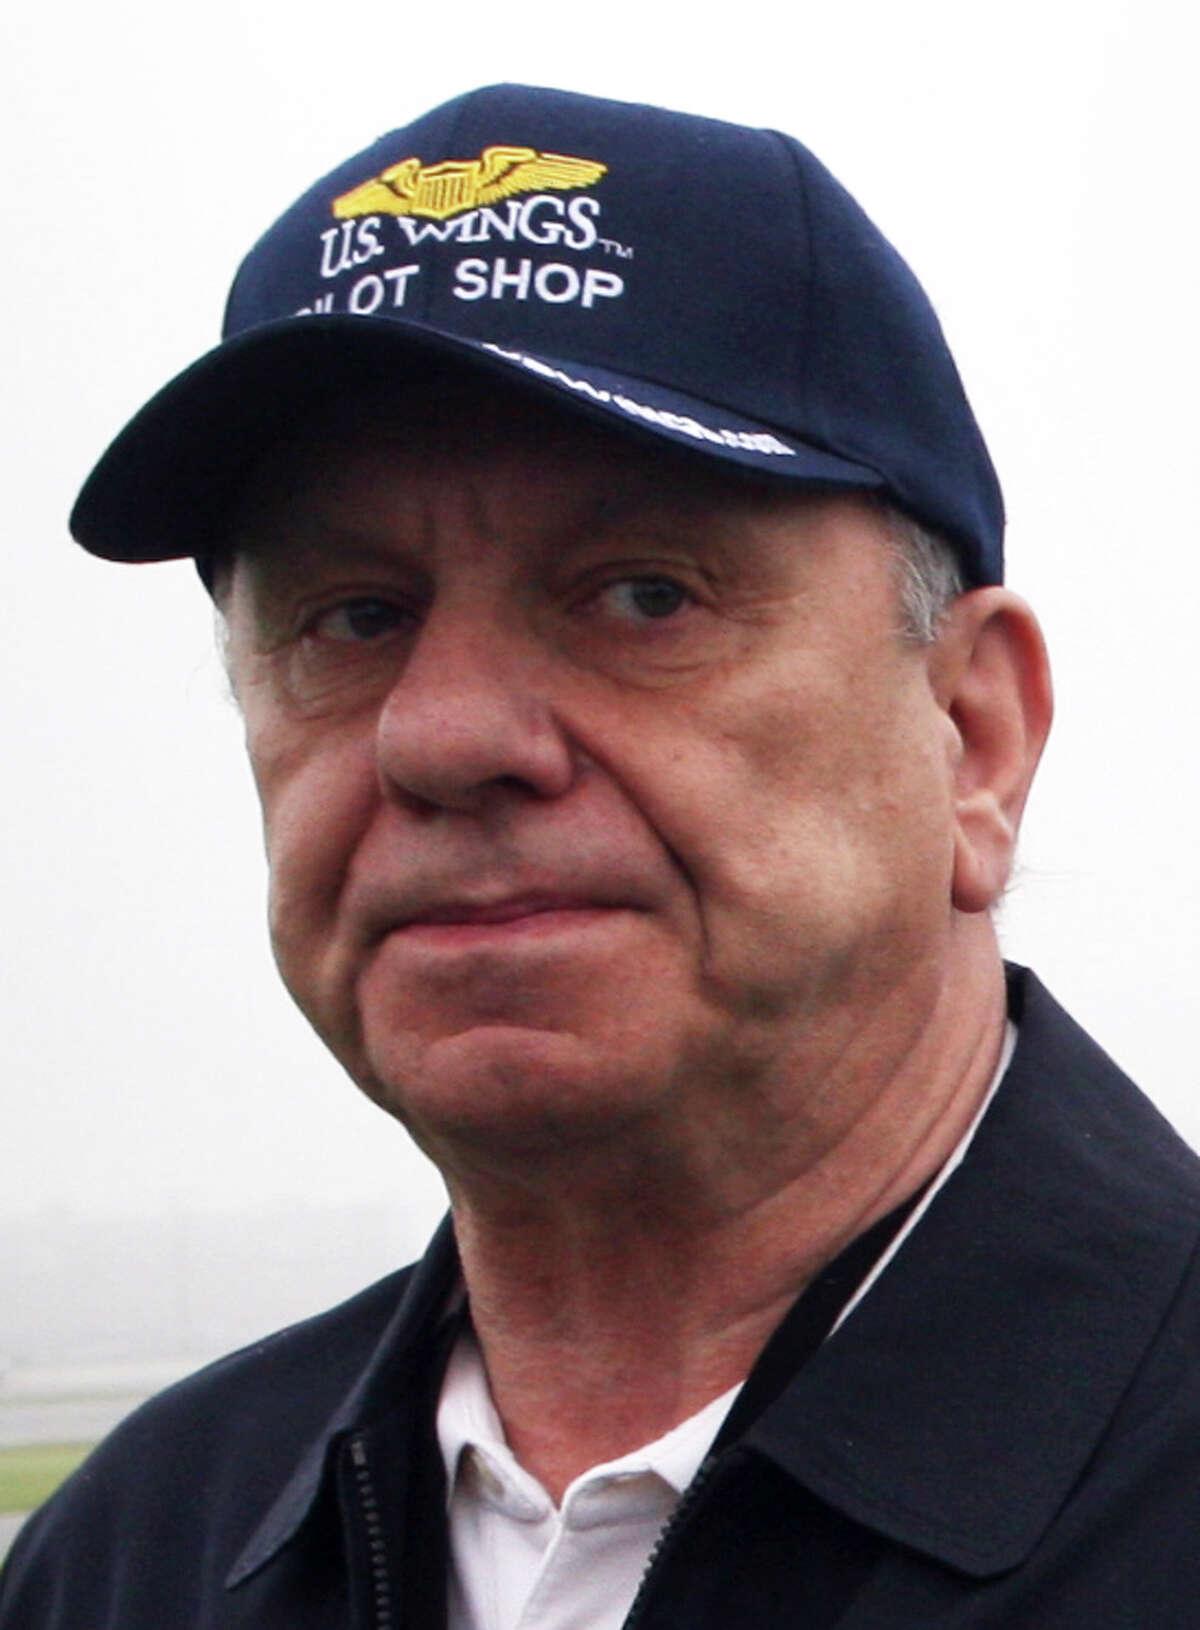 Former Sikorsky Memorial Airport Manager John Ricci, June 12th, 2009.